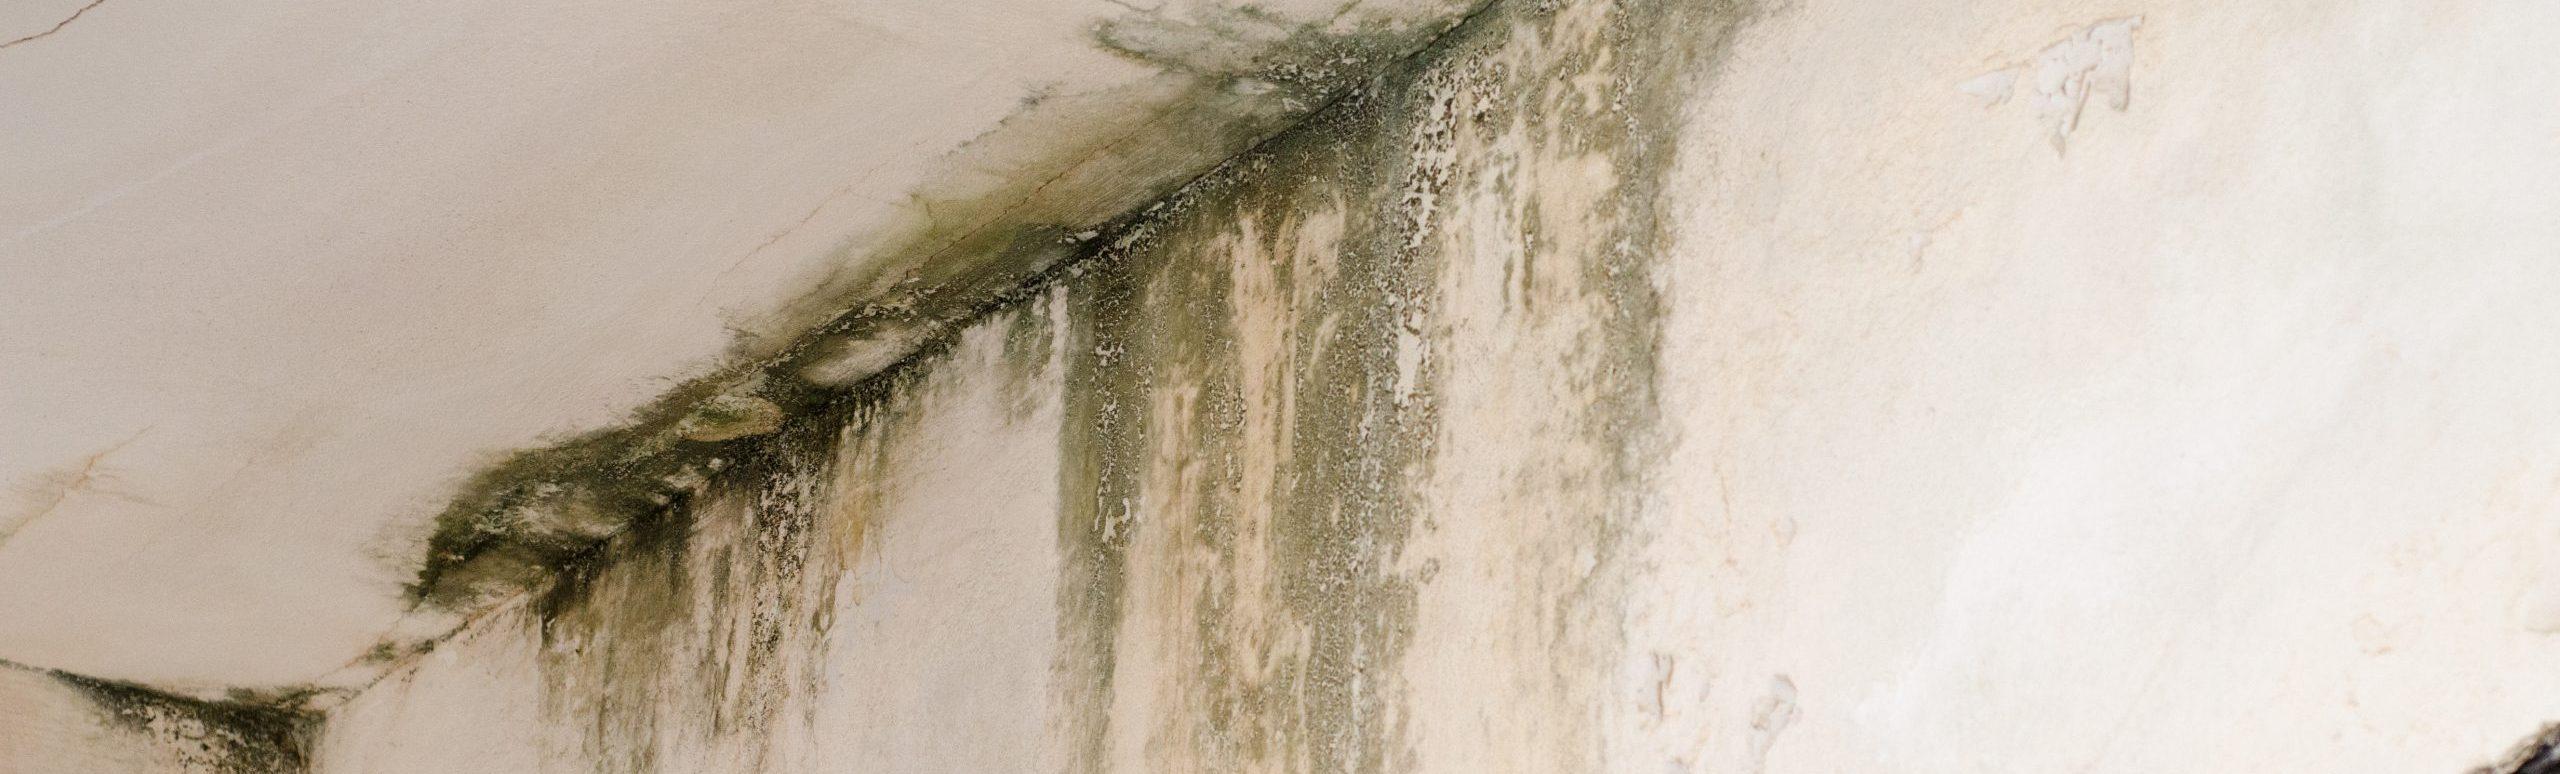 Eine häufige Ursache für Feuchtigkeitsbildung im Keller ist die Kondensation.